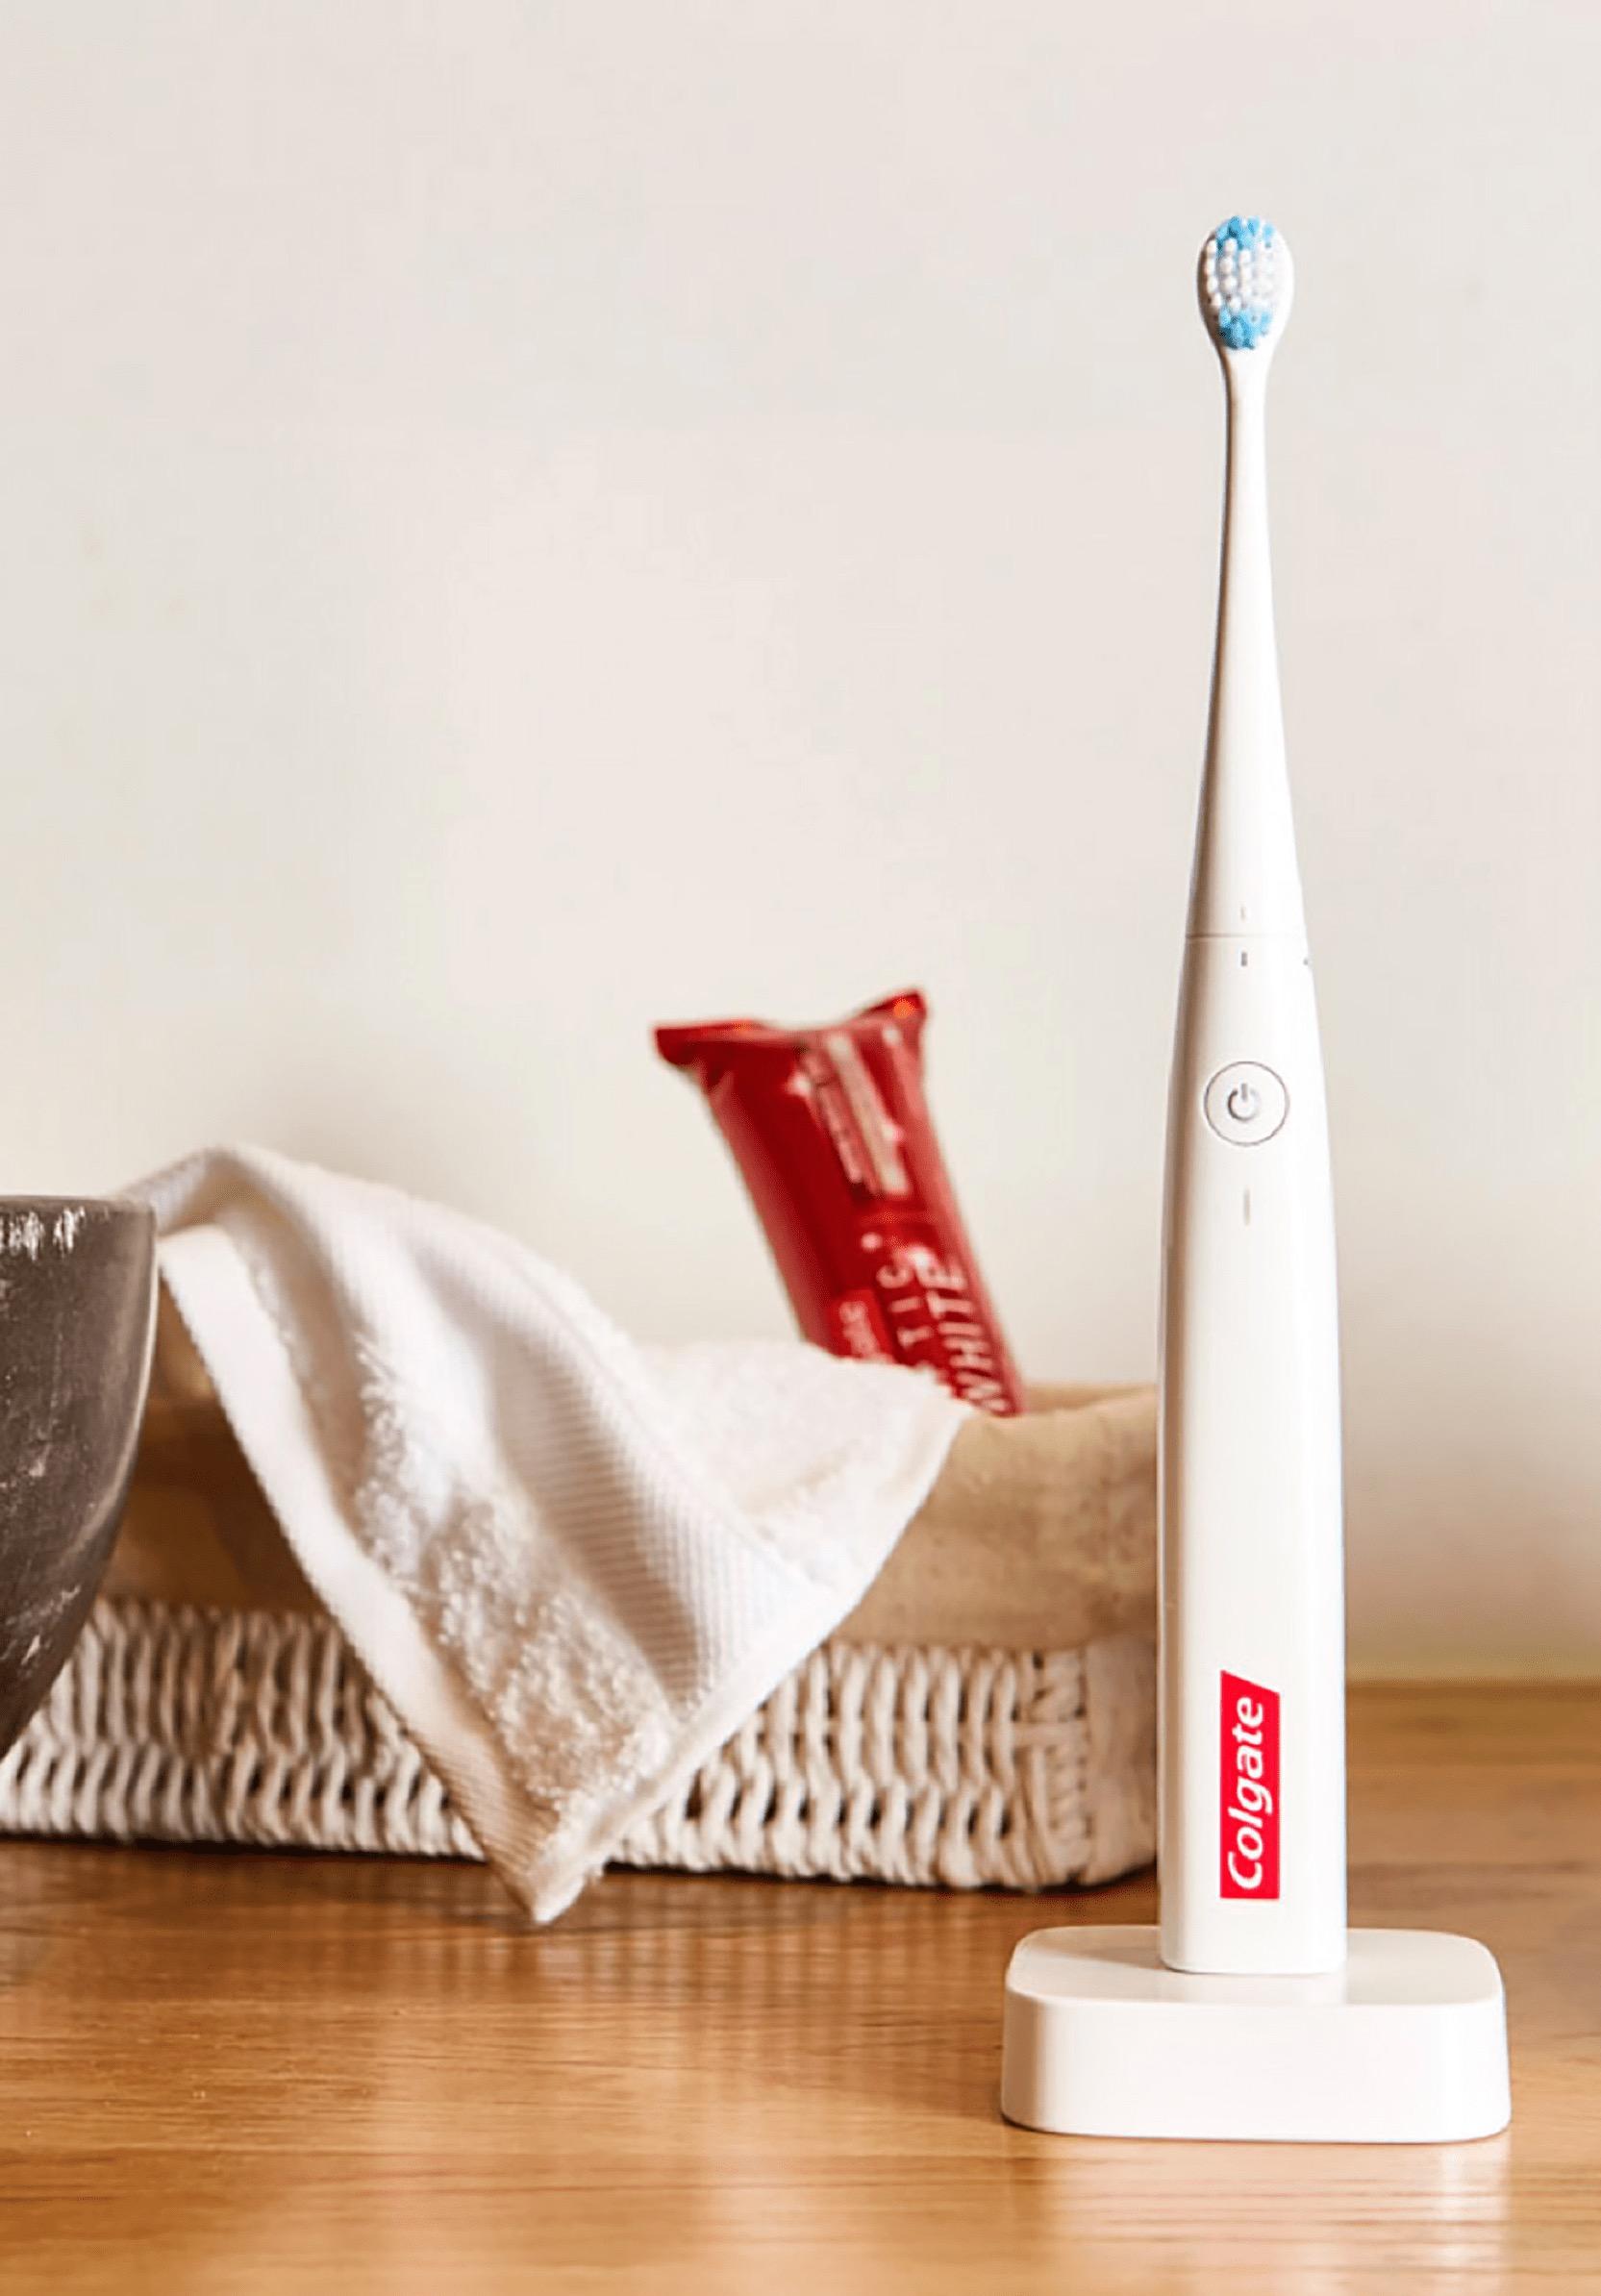 Escova de dentes E1, da Colgate